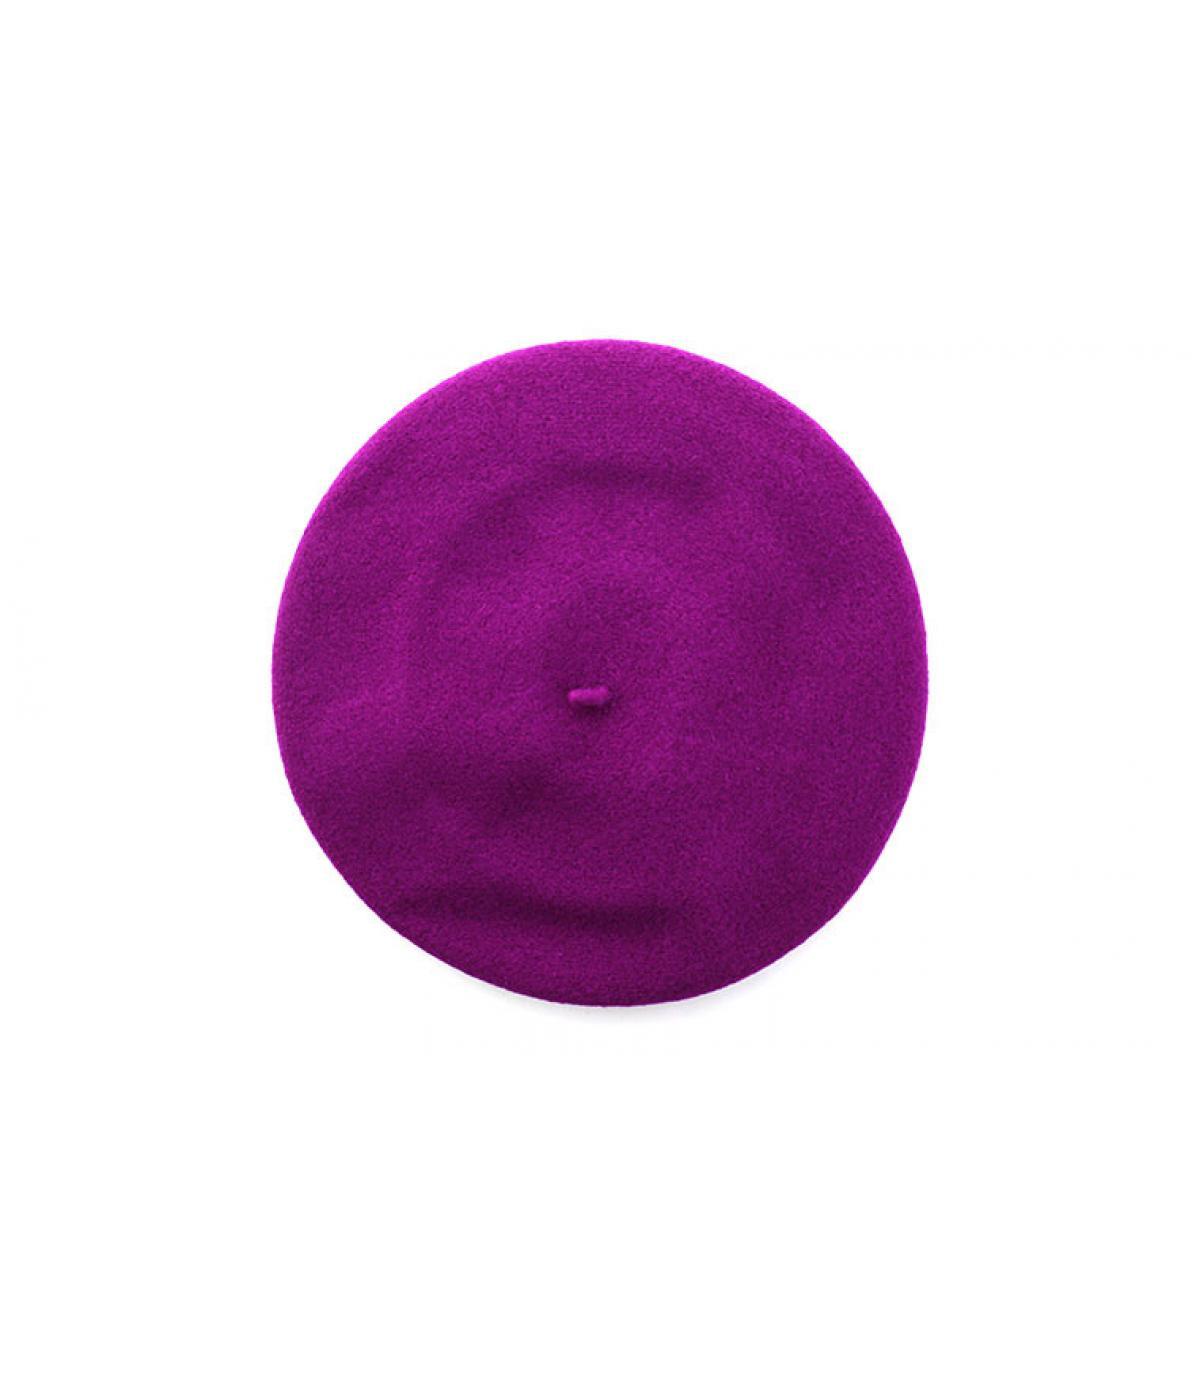 Détails Parisienne violet - image 2